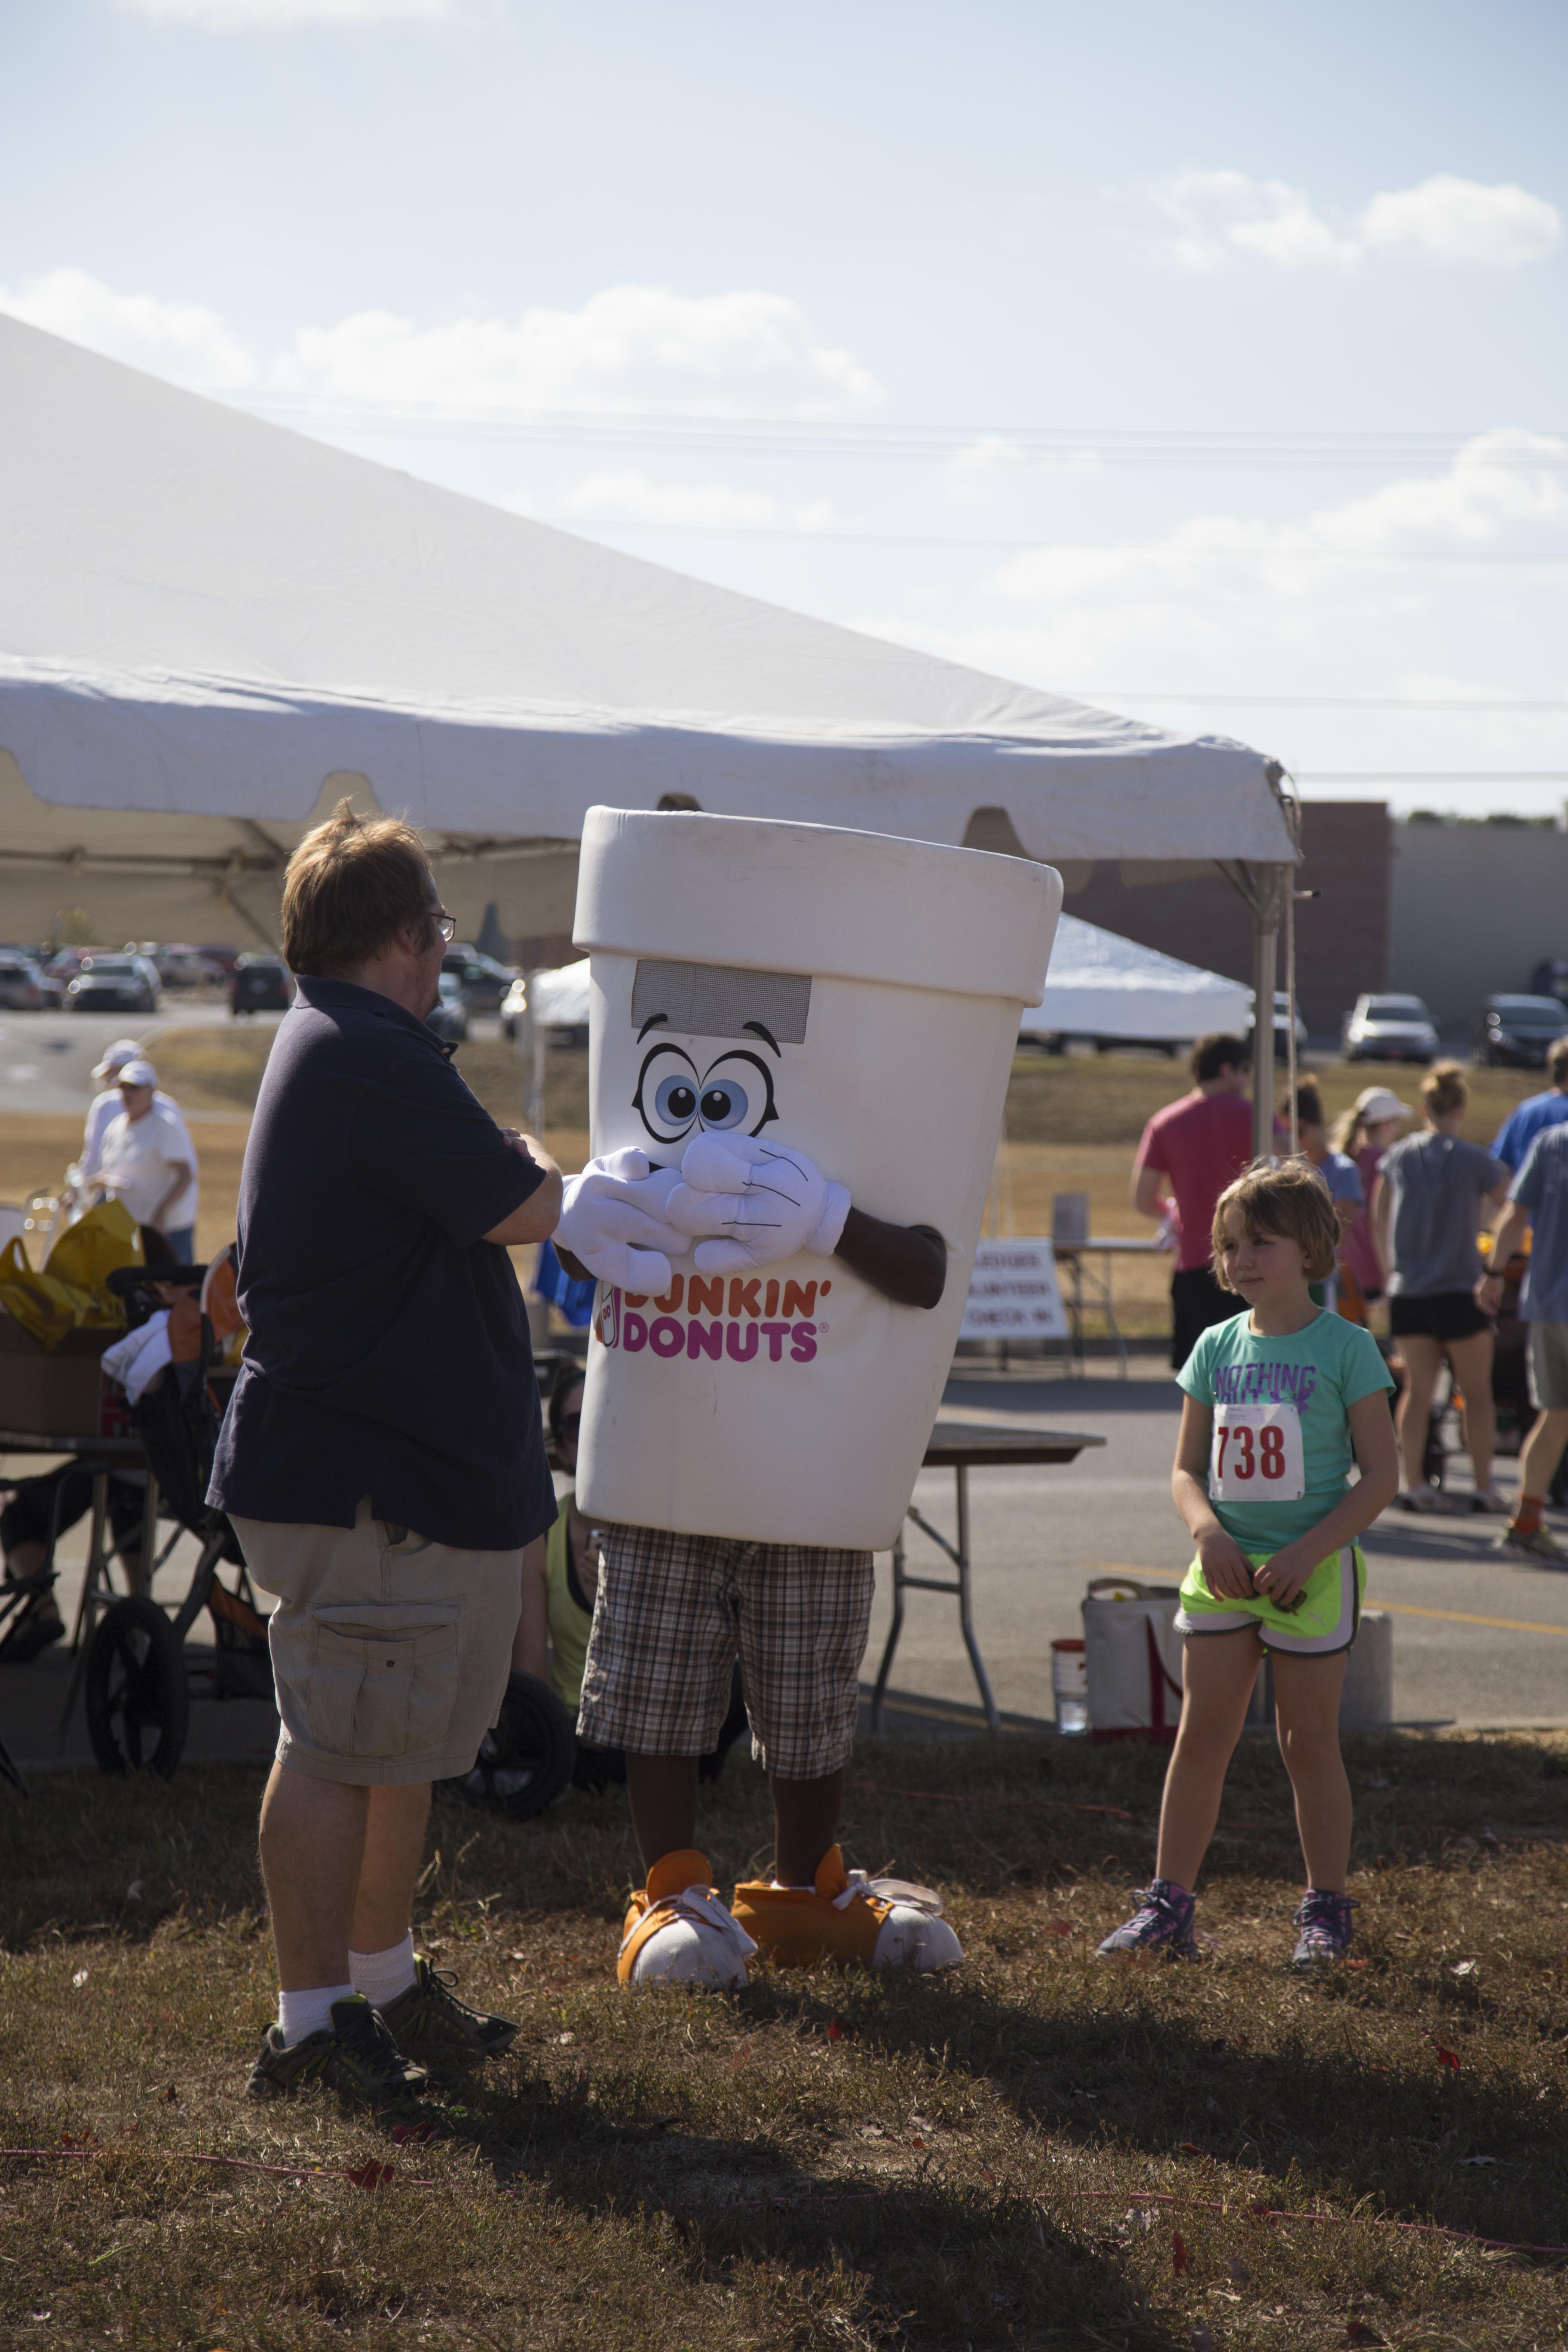 Dunkin Donuts 6582